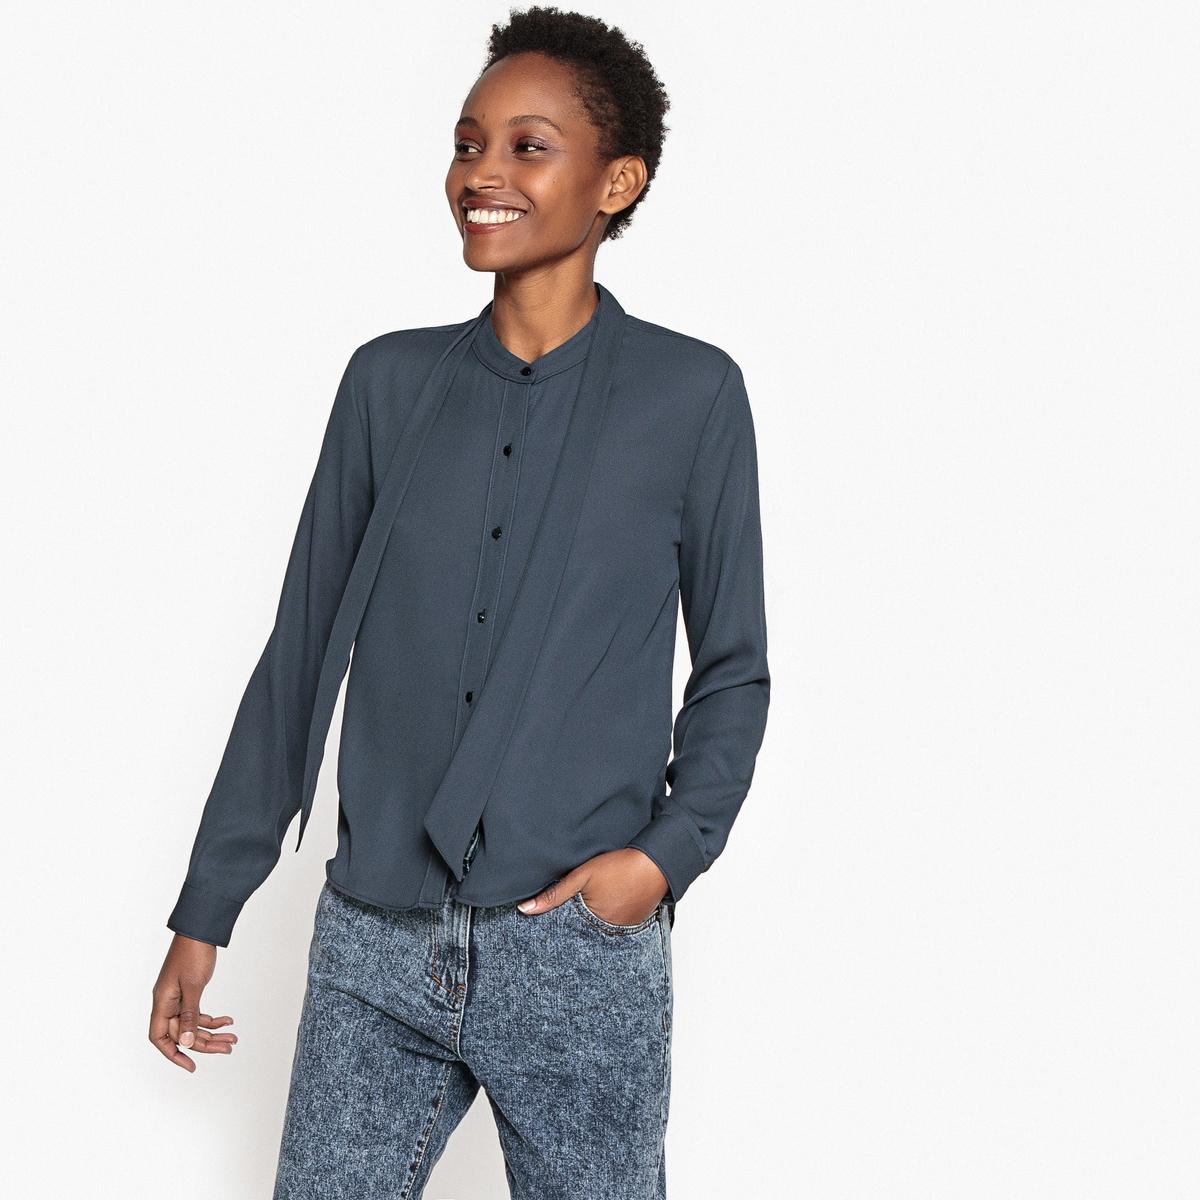 Рубашка однотонная с бантом и длинными рукавамиДетали •  Длинные рукава •  Прямой покрой  •  Галстук-бант •  Кончики воротника на пуговицахСостав и уход •  100% полиэстер •  Следуйте советам по уходу, указанным на этикетке<br><br>Цвет: антрацит<br>Размер: XS